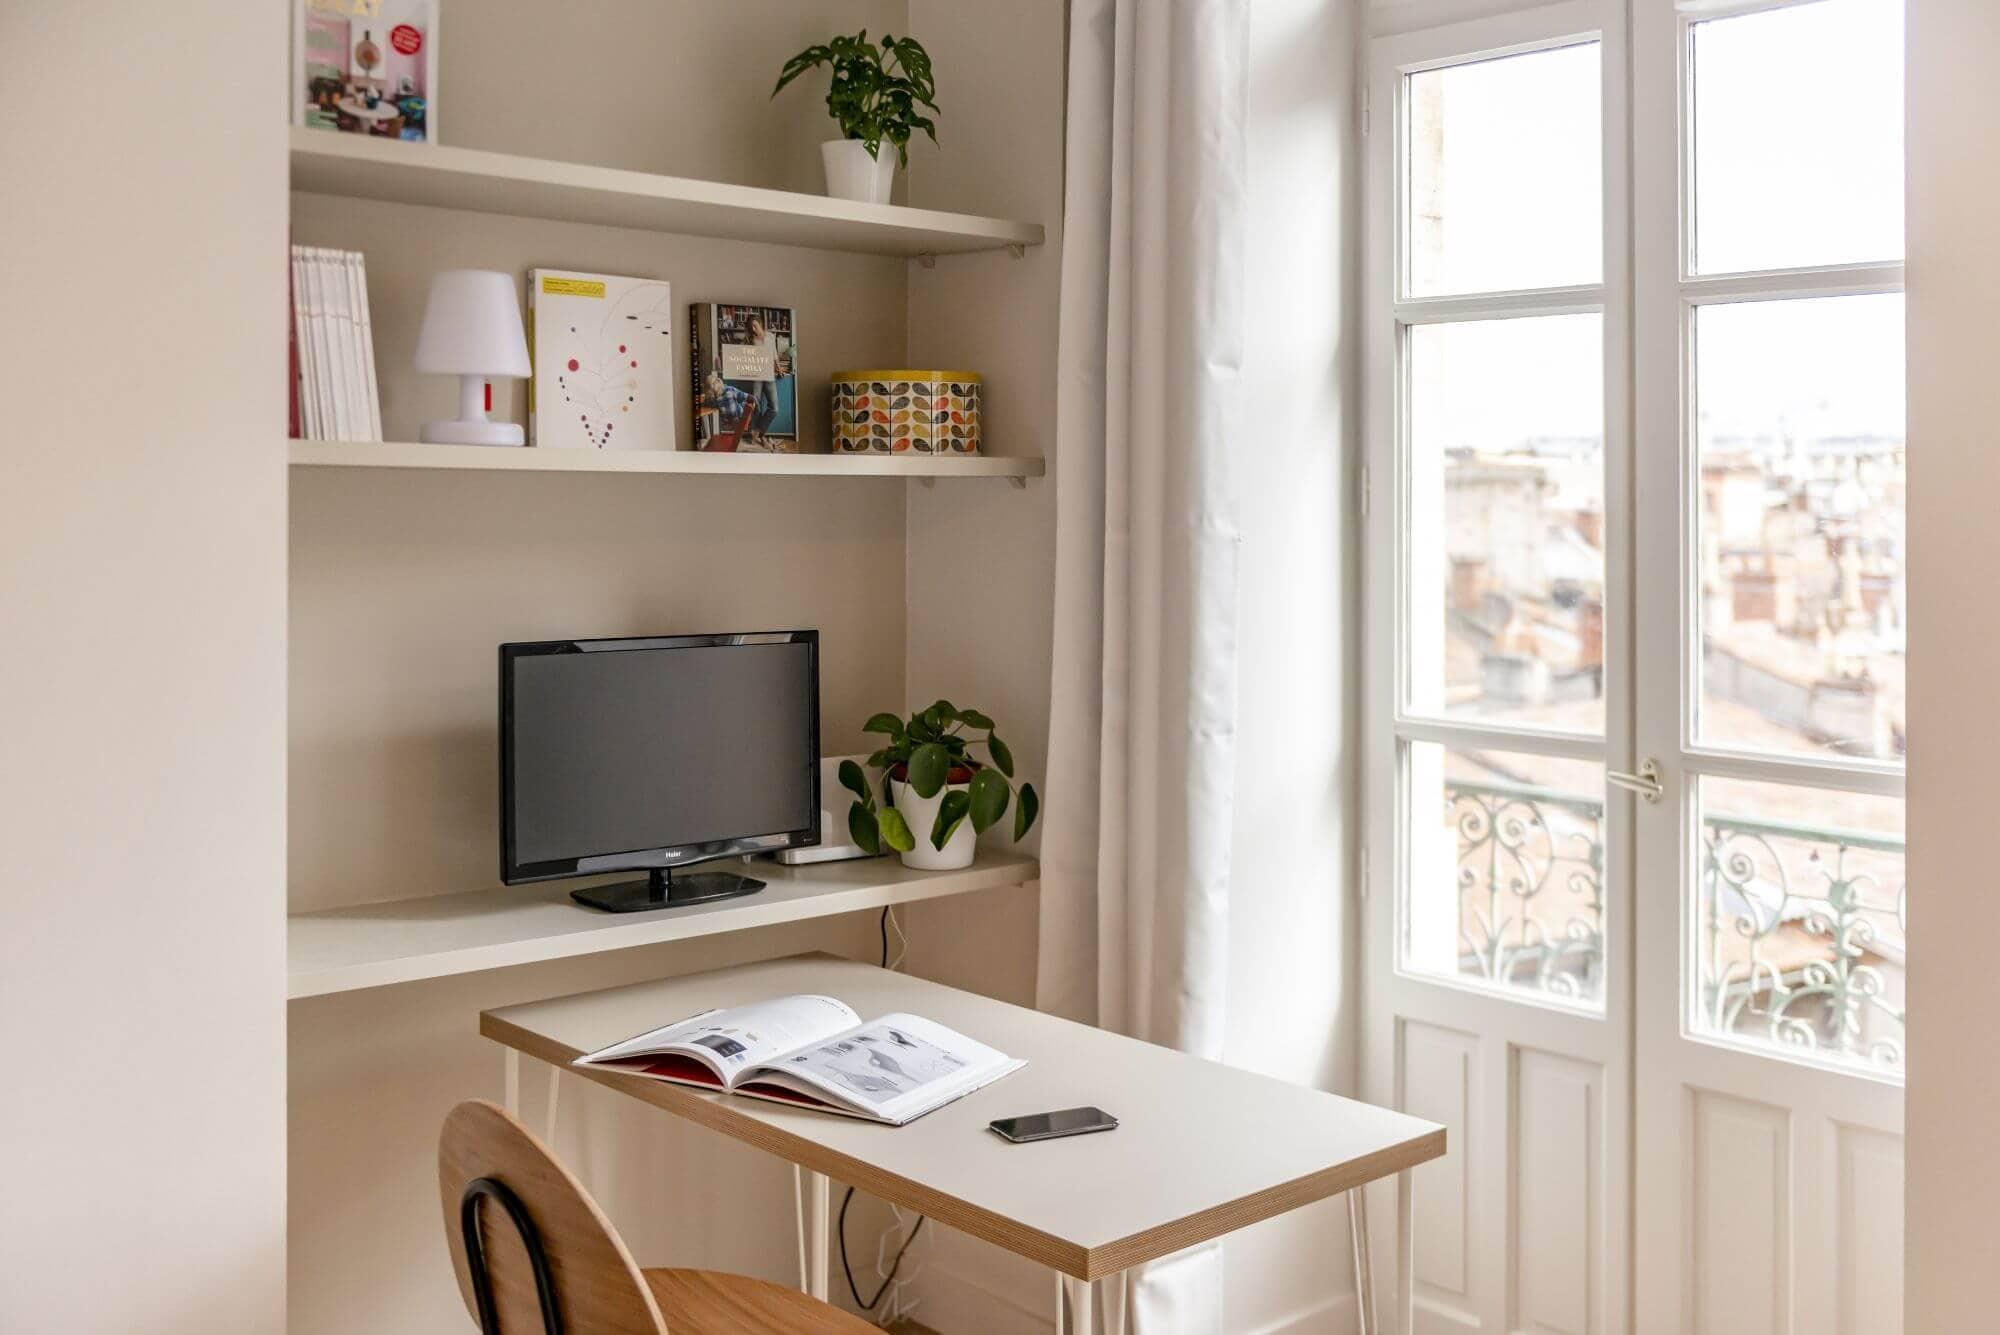 Bureau, Télévision, Fenêtre, Vue esquirol, Rénovation Toulouse